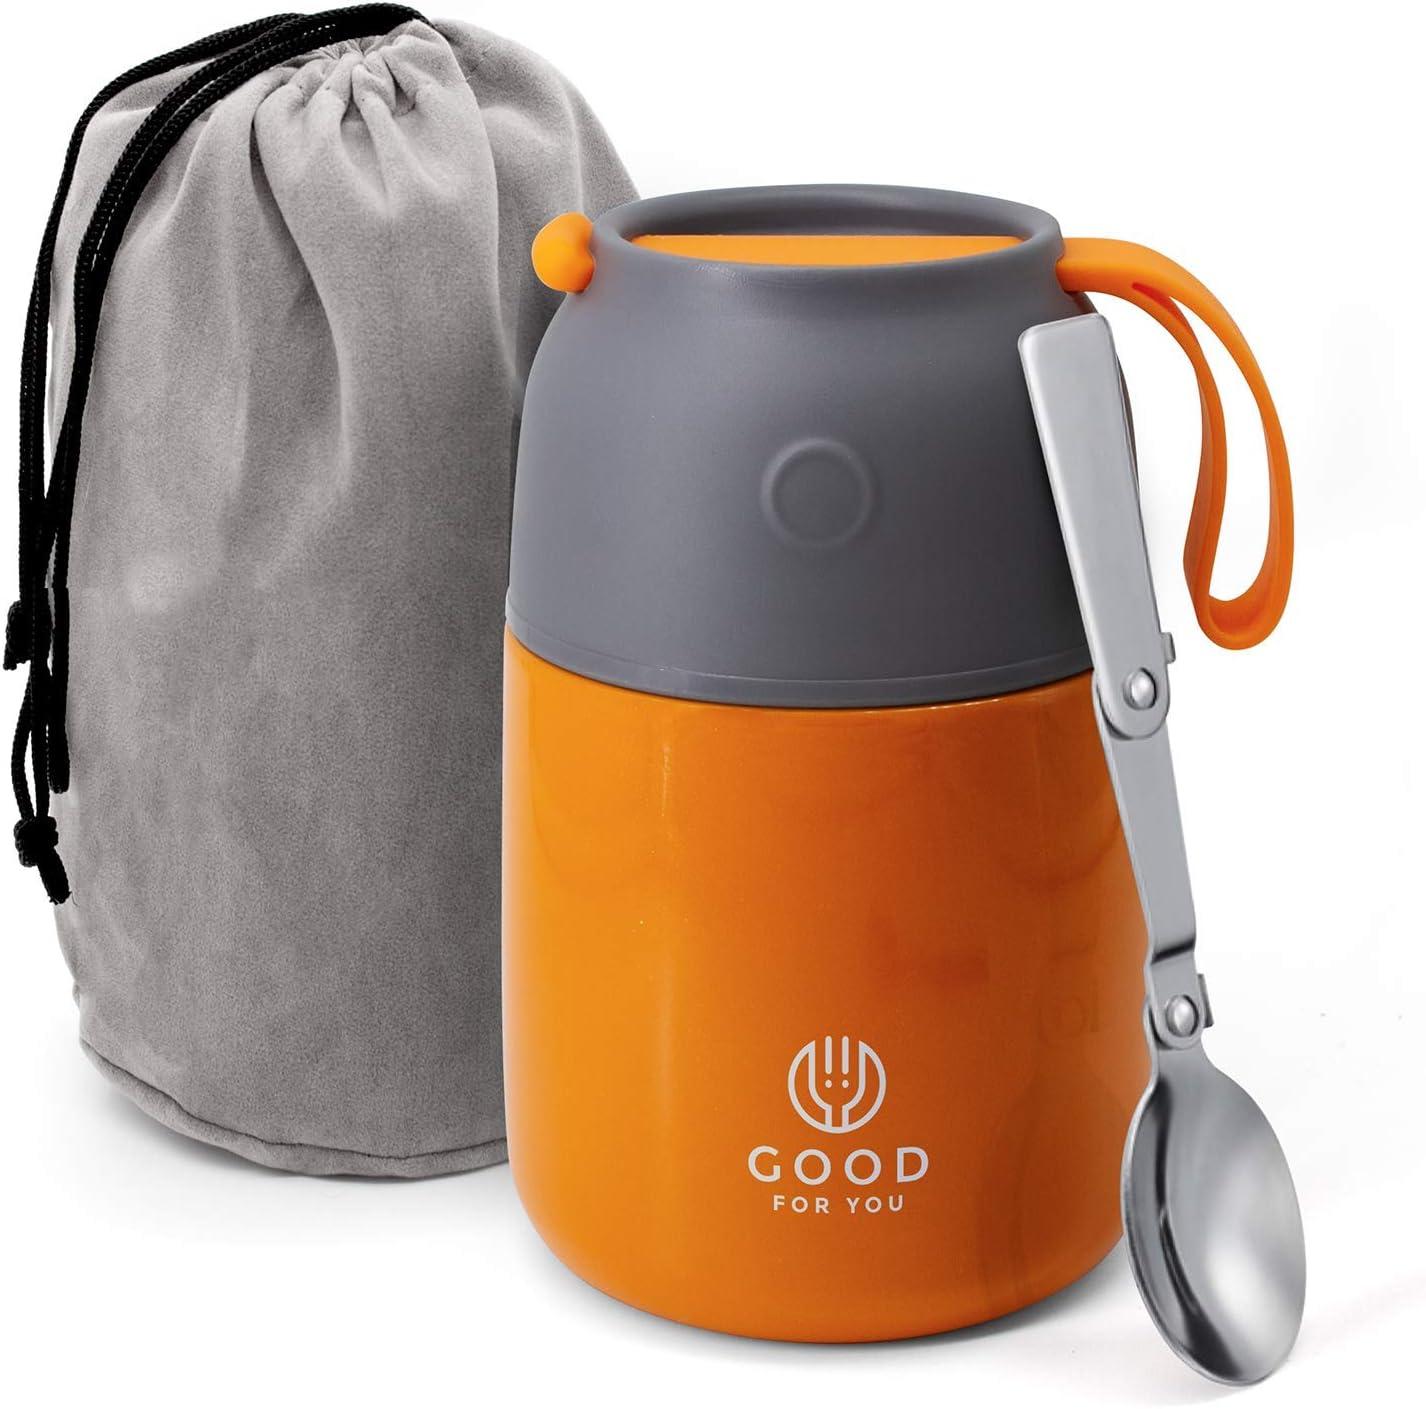 GOOD FOR YOU Termo de 530ml | Jarra térmica de metal con doble aislamiento para comida, café, agua, etc. Fiambrera bebé, niños, oficina, camping | Con cuchara, color Naranja